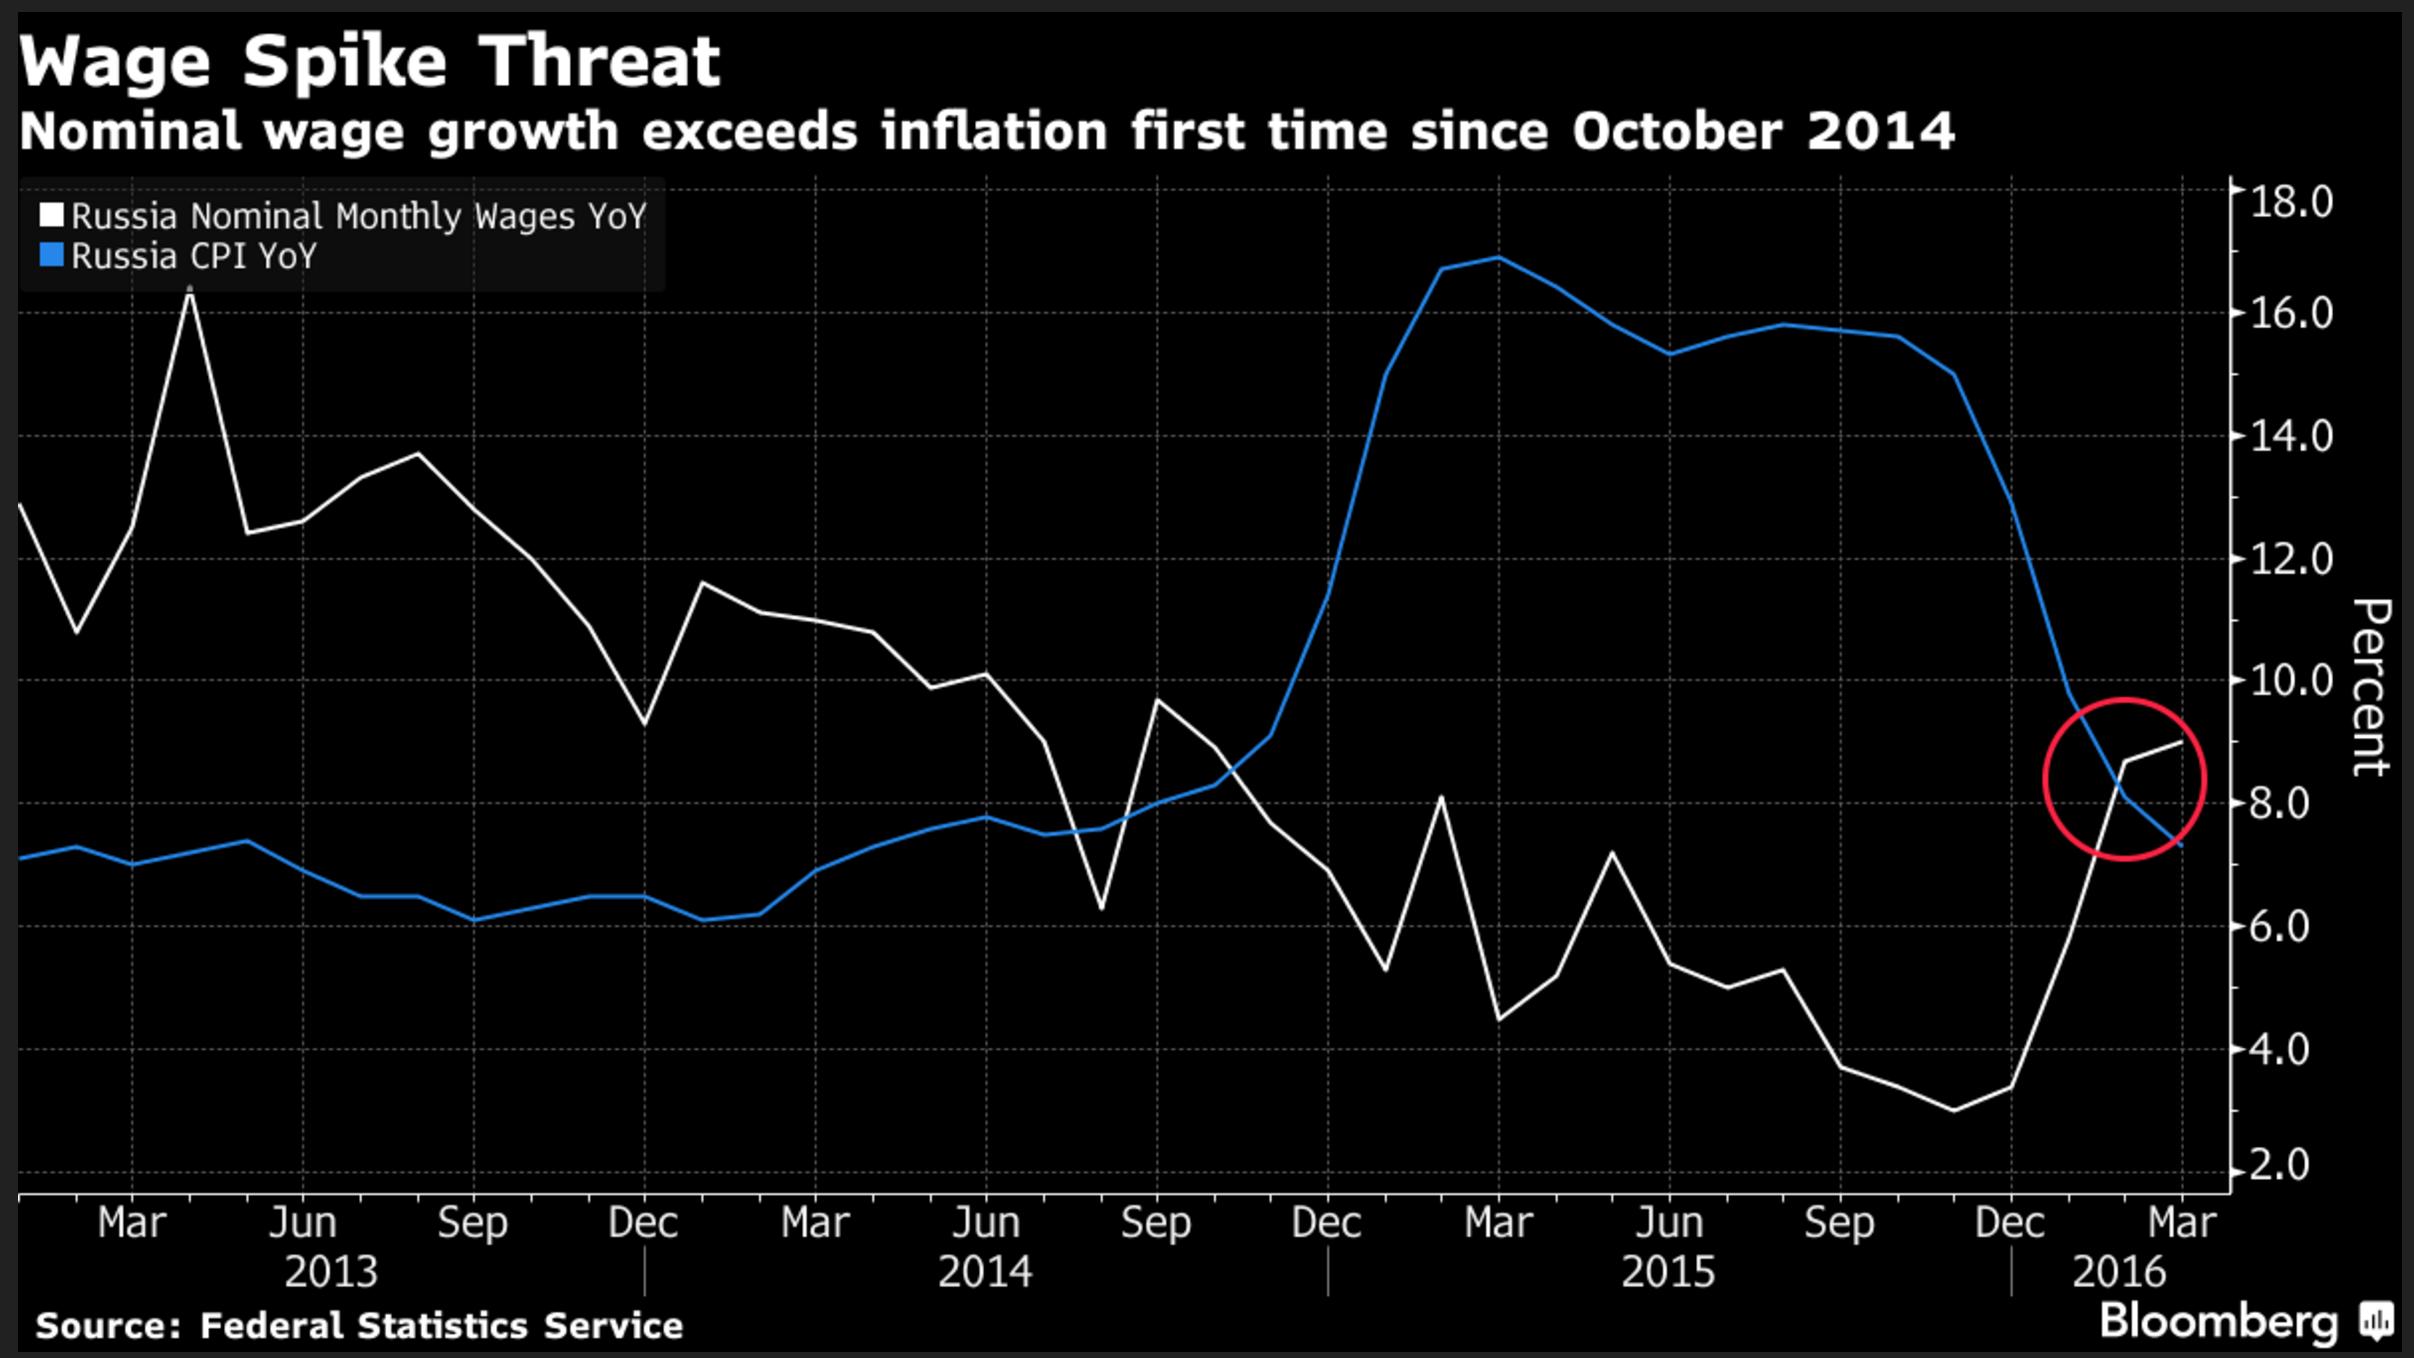 Риск пика зарплат Рост номинальных зарплат впервые с октября 2014 года превосходит инфляцию. Белый: Номинальные месячные зарплаты в России (по сравнению с аналогичным периодом предыдущего года). Синий: Индекс потребительских цен в России (по сравнению с аналогичным периодом предыдущего года)